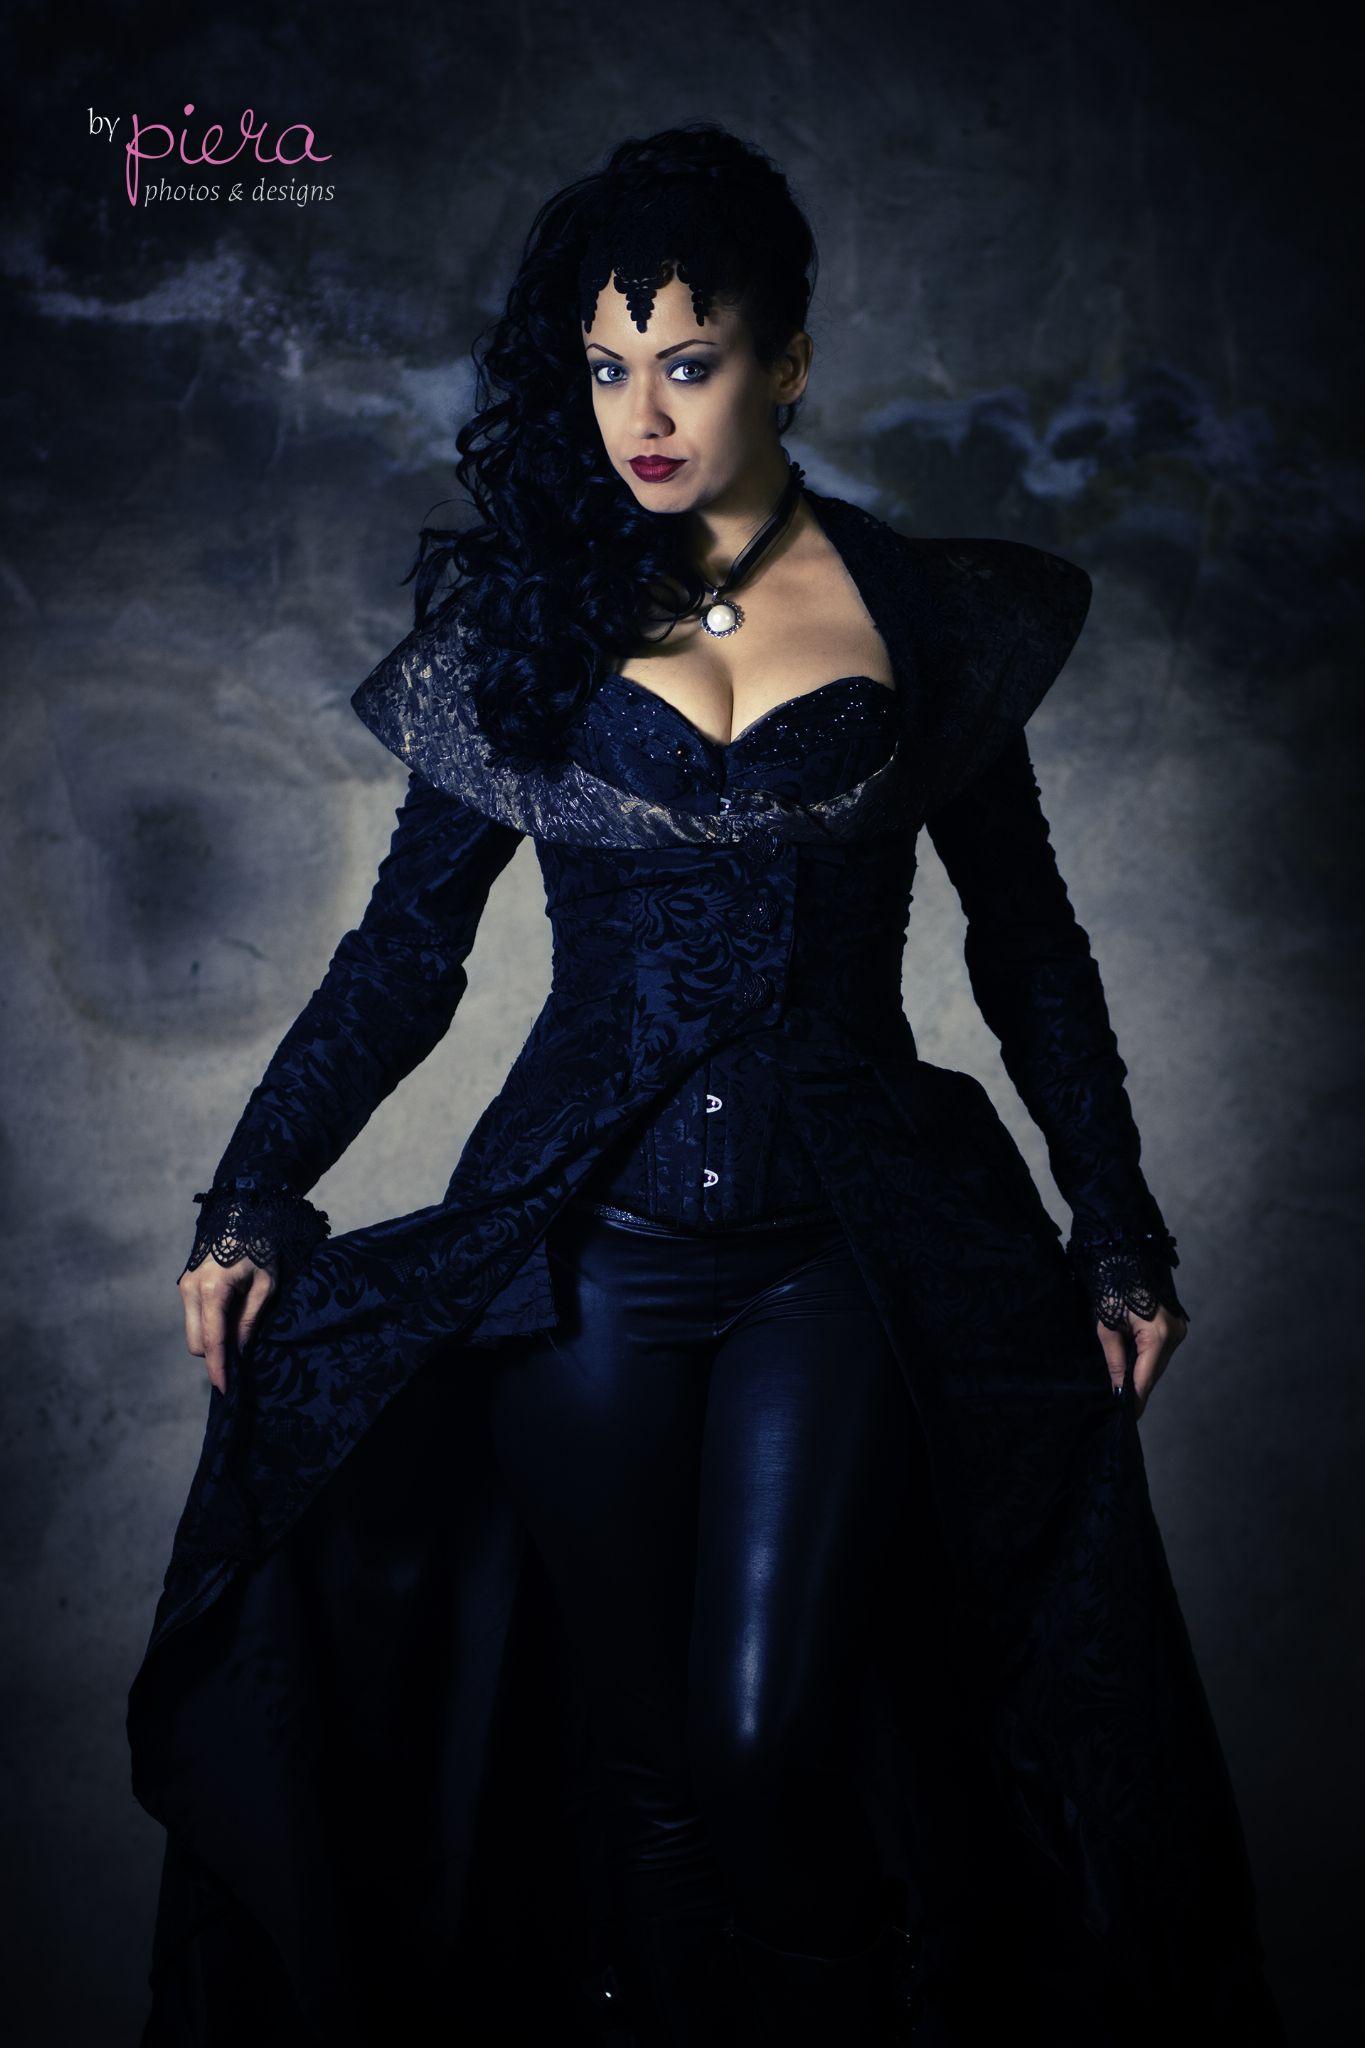 Regina the Evil Queen by Photos by Piera